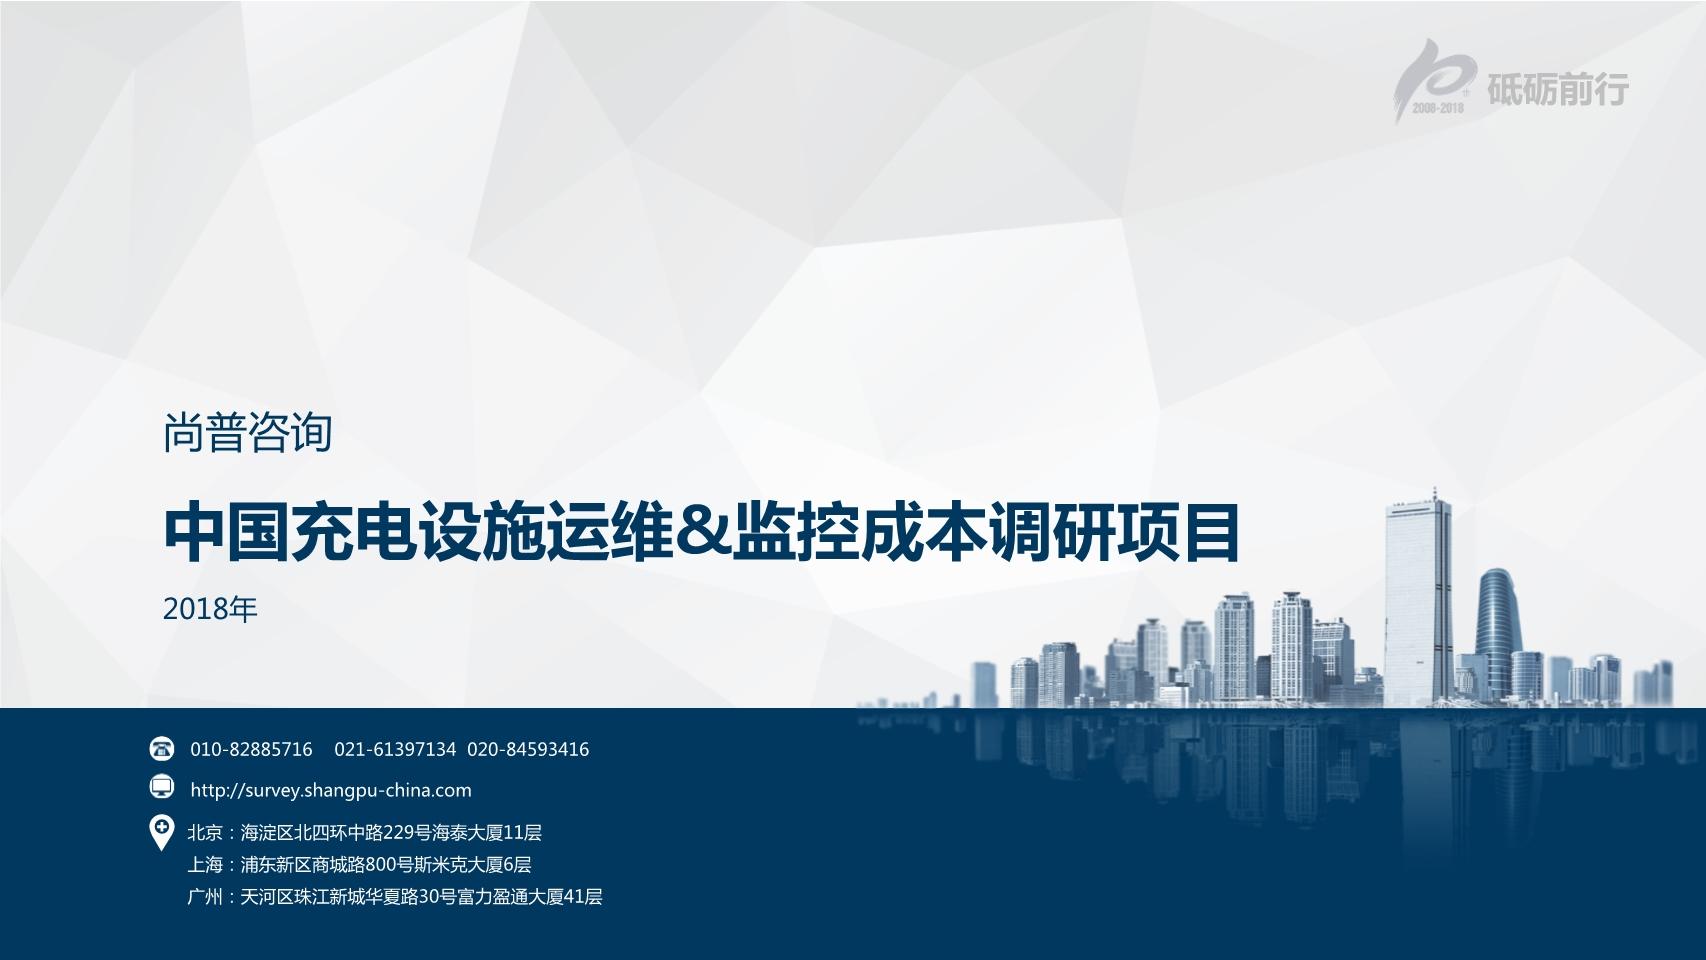 尚普咨询—中国充电设施运维&监控成本调研项目